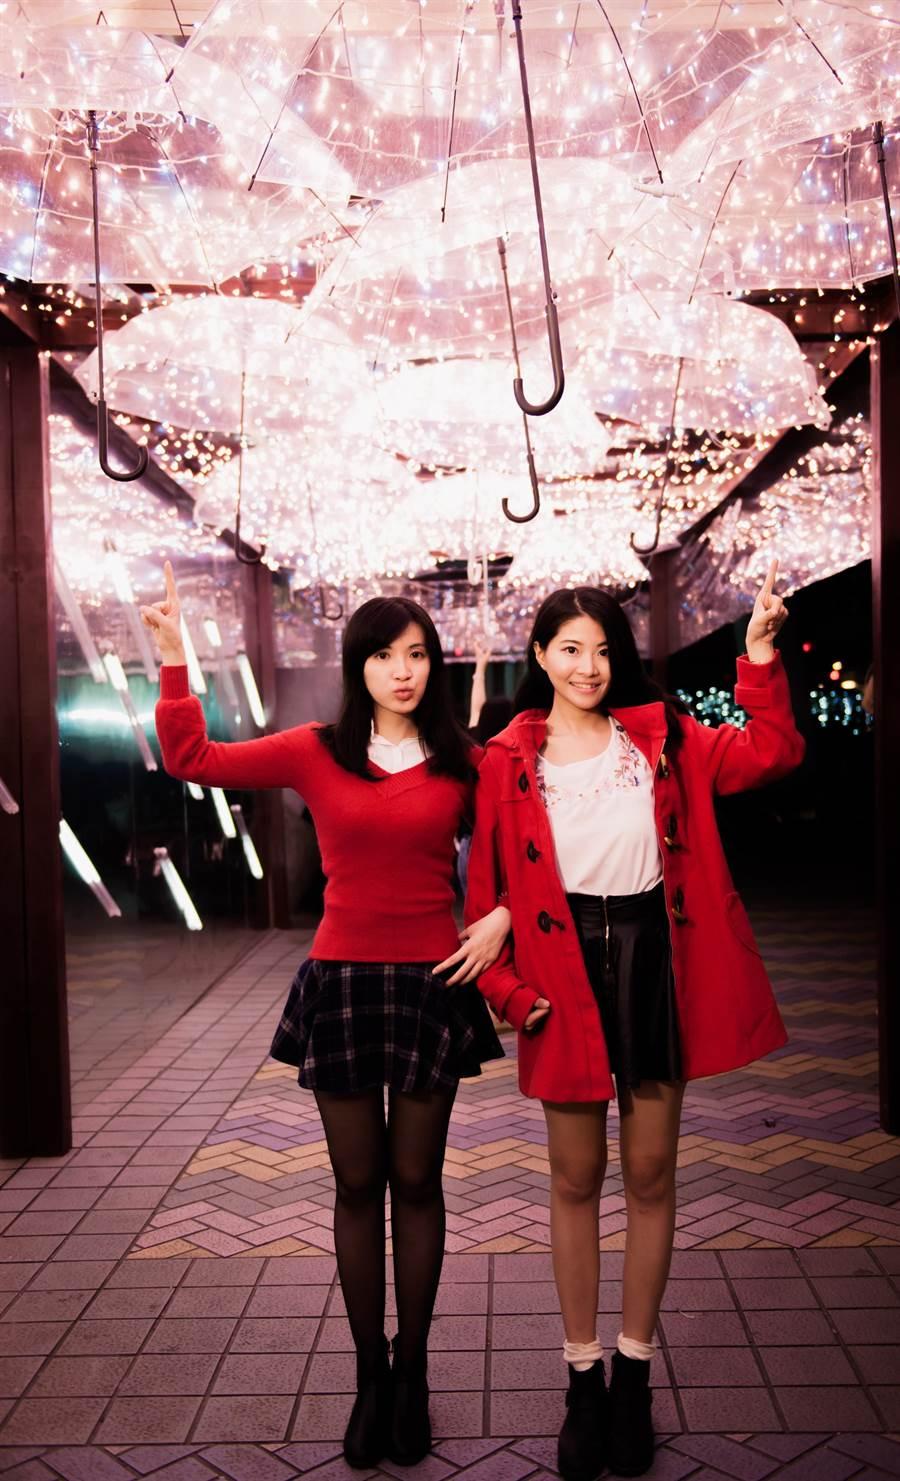 「漫漫傘步」用玫瑰金燈飾點綴的傘,絕對要把你的手機、相機記憶體通通佔滿!